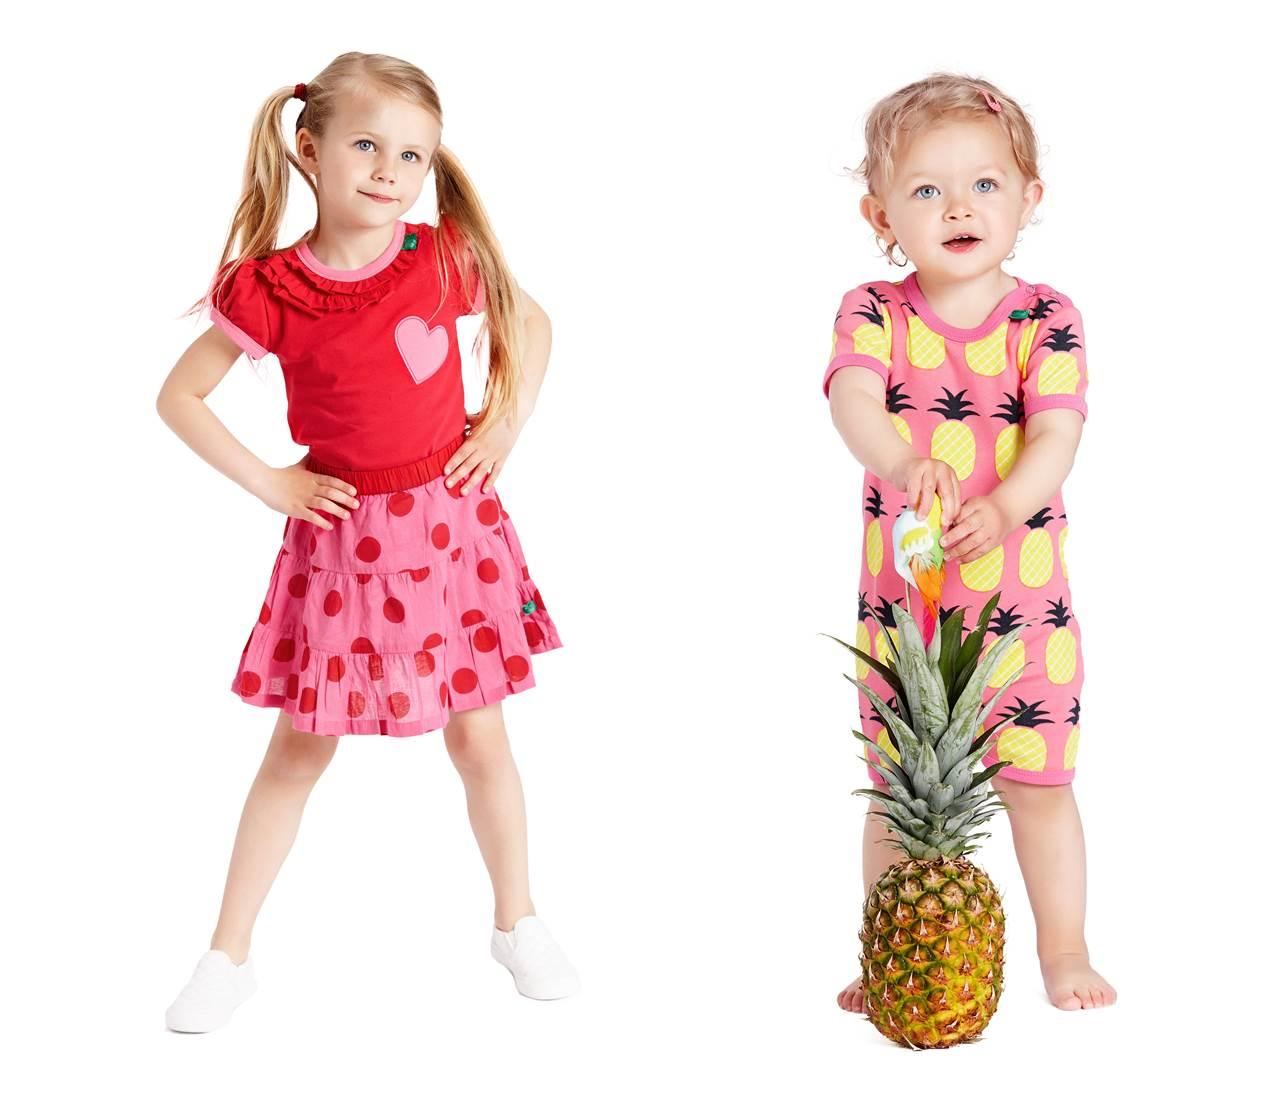 Öko Mode für Kinder